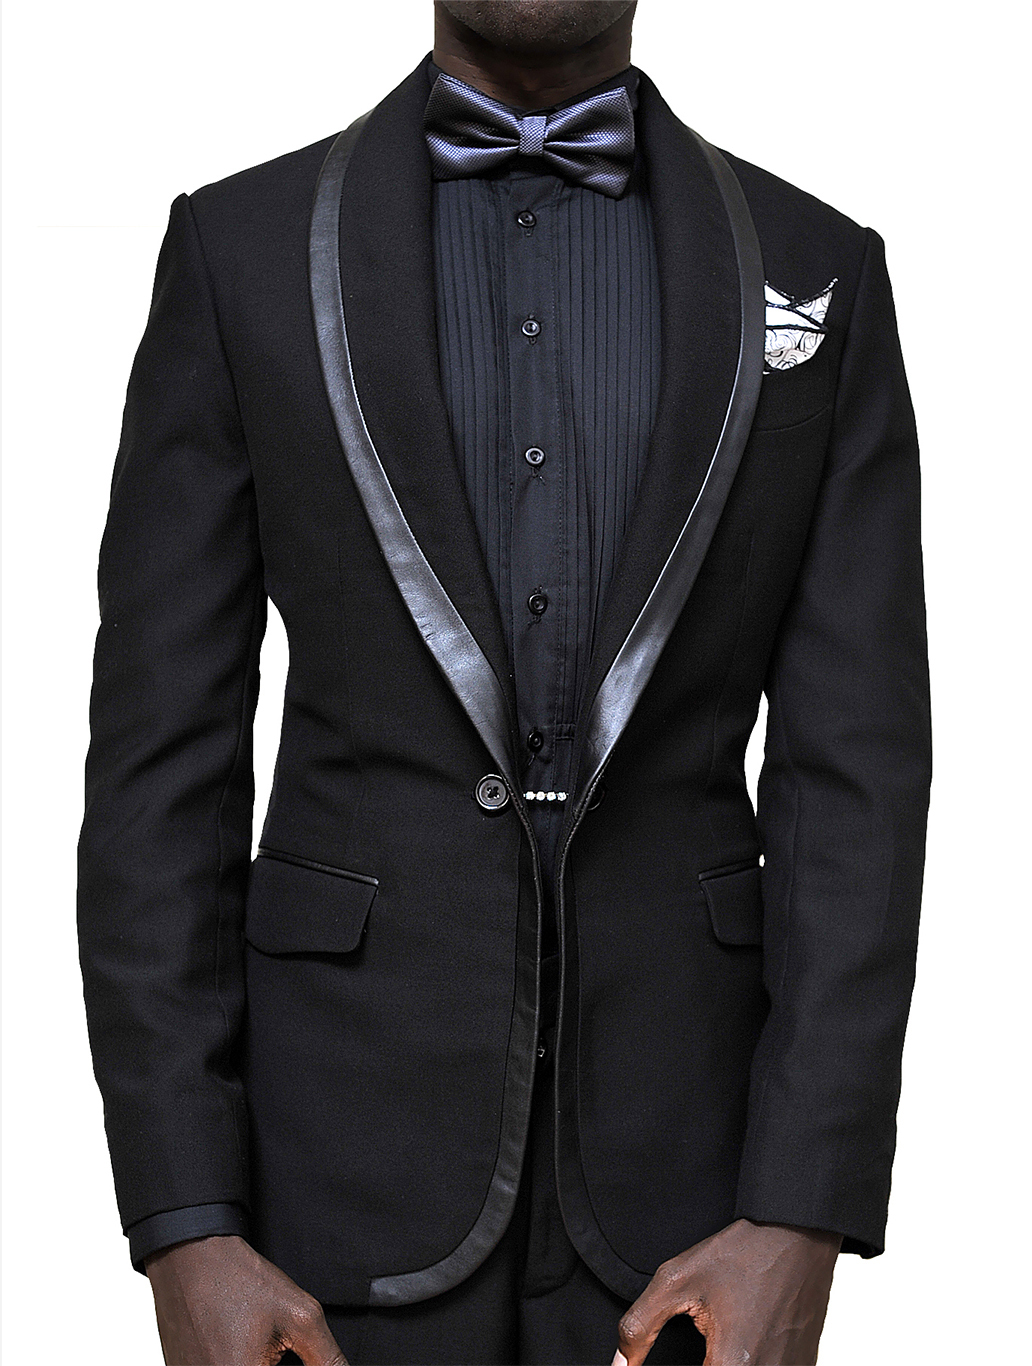 Black designer leather trim tuxedo